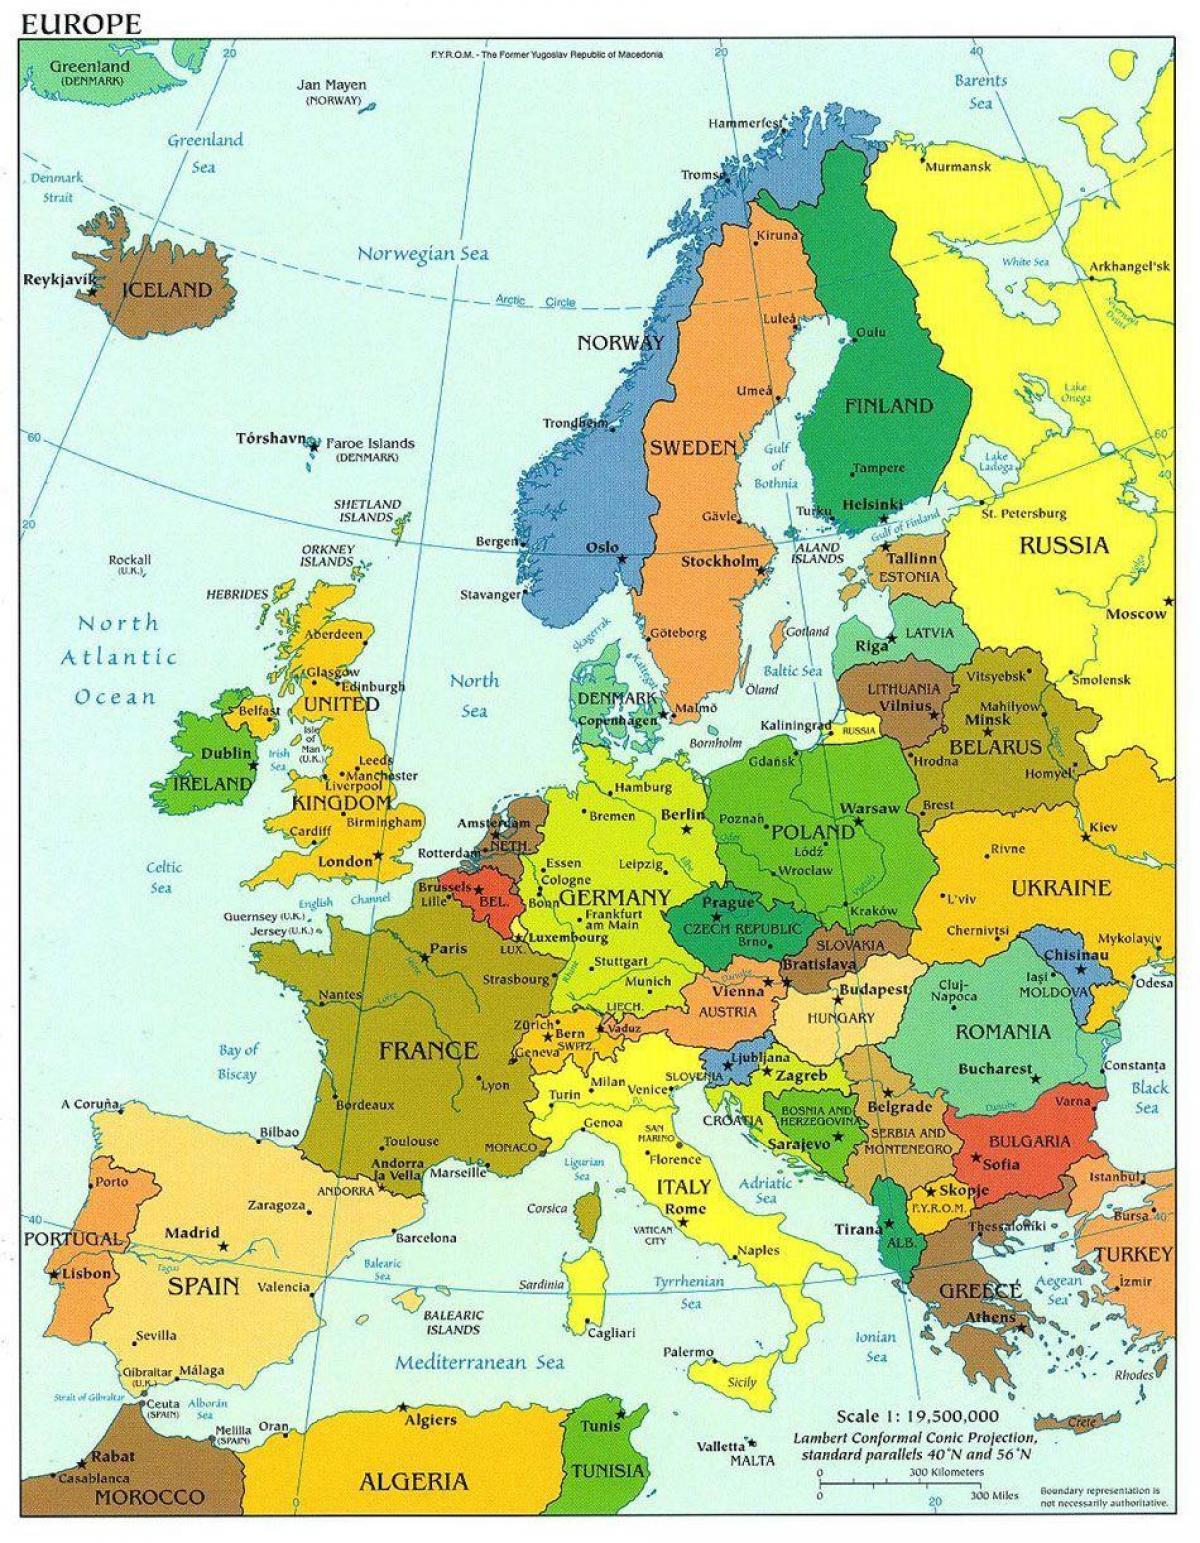 Cartina Nord.Danimarca Mappa Dell Europa Cartina Dell Europa Che Mostra La Danimarca Europa Del Nord Europa